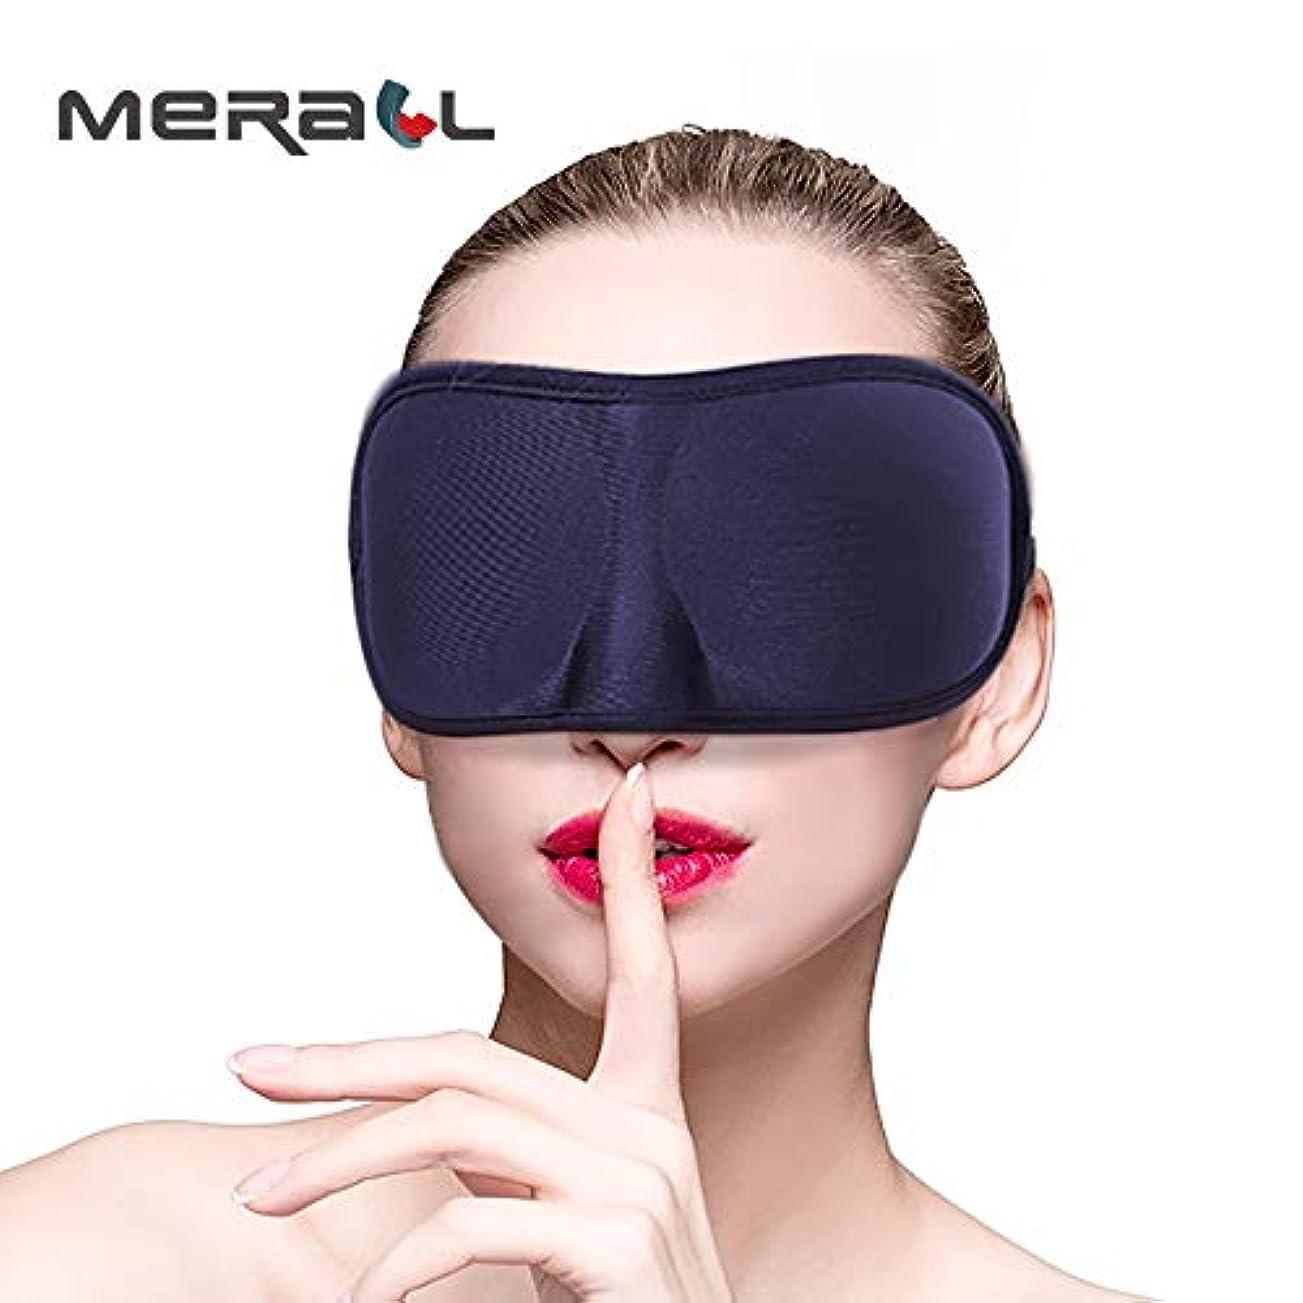 パッケージ遺体安置所りNOTE 3Dスリーピングアイマスクスリーピングエイドアイカバーパッチ目隠し用スリーピングソフトで快適なトラベルレストギフト用男性女性